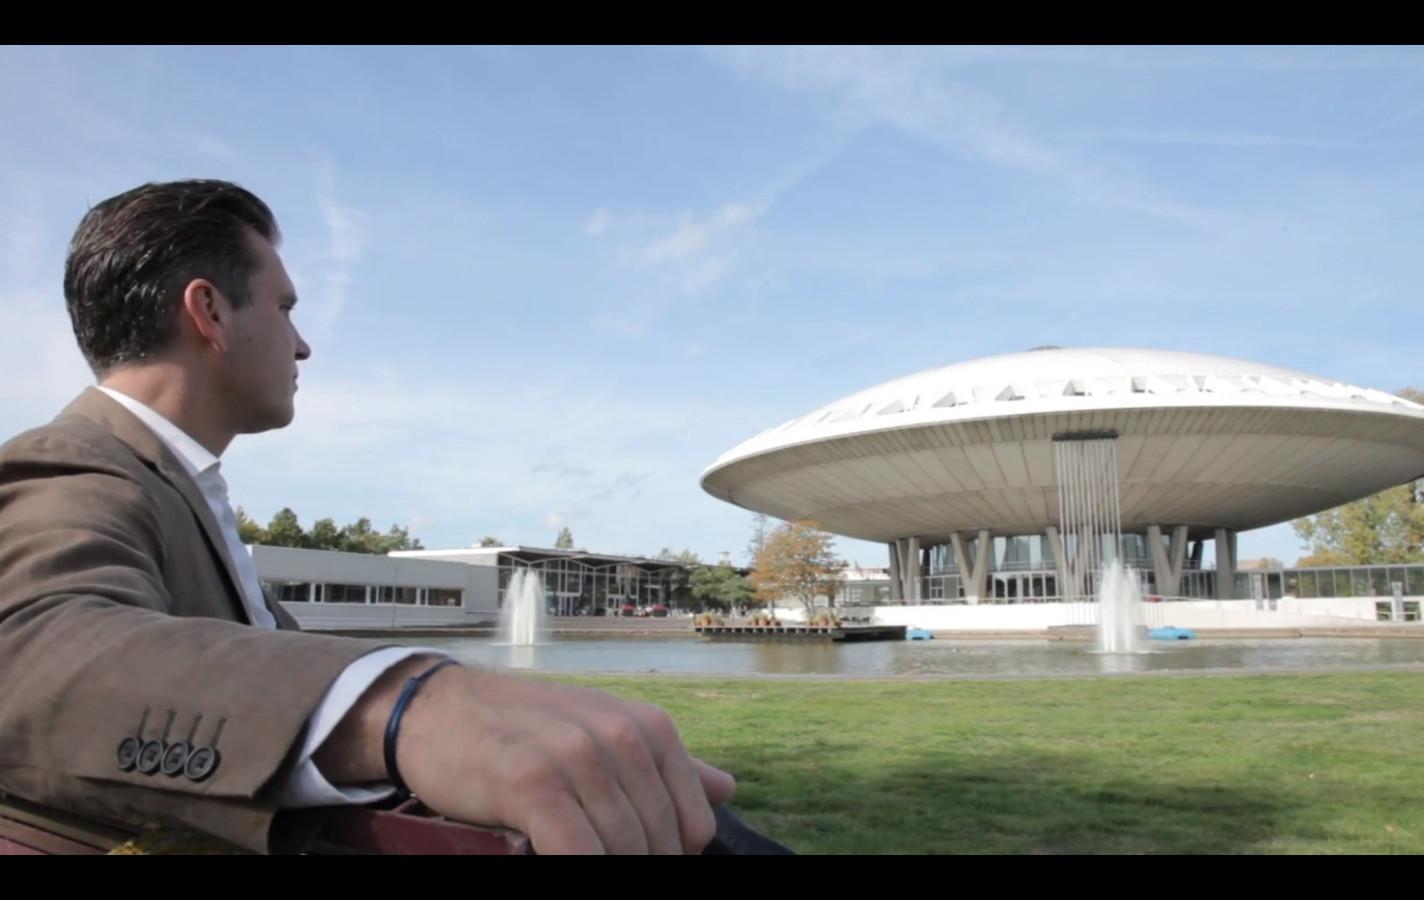 Lee Foolen van Foolen & Reijs Vastgoed, een van de partners in het plan Evoluon Innovation Park in Eindhoven.